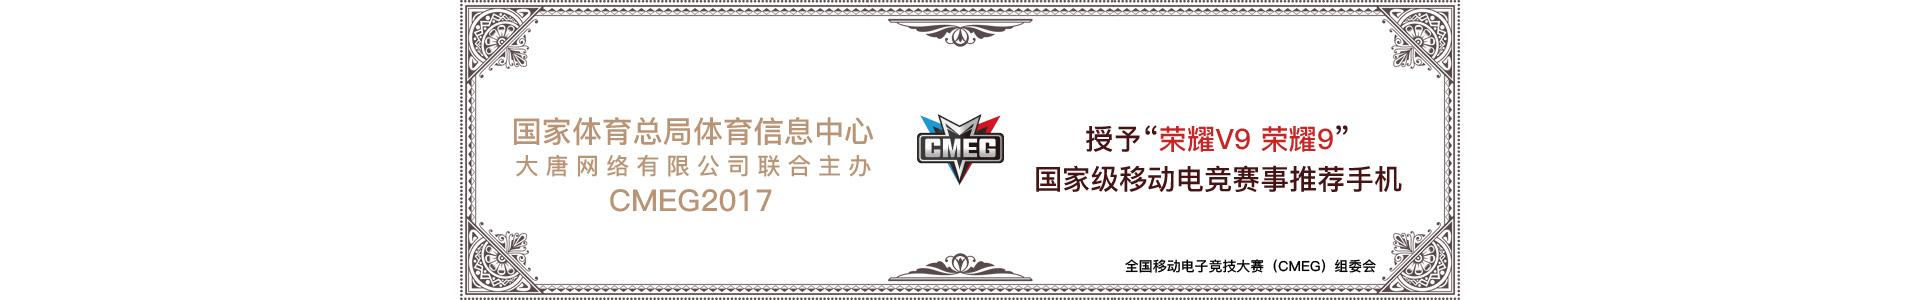 CMEG证书1920x300.jpg